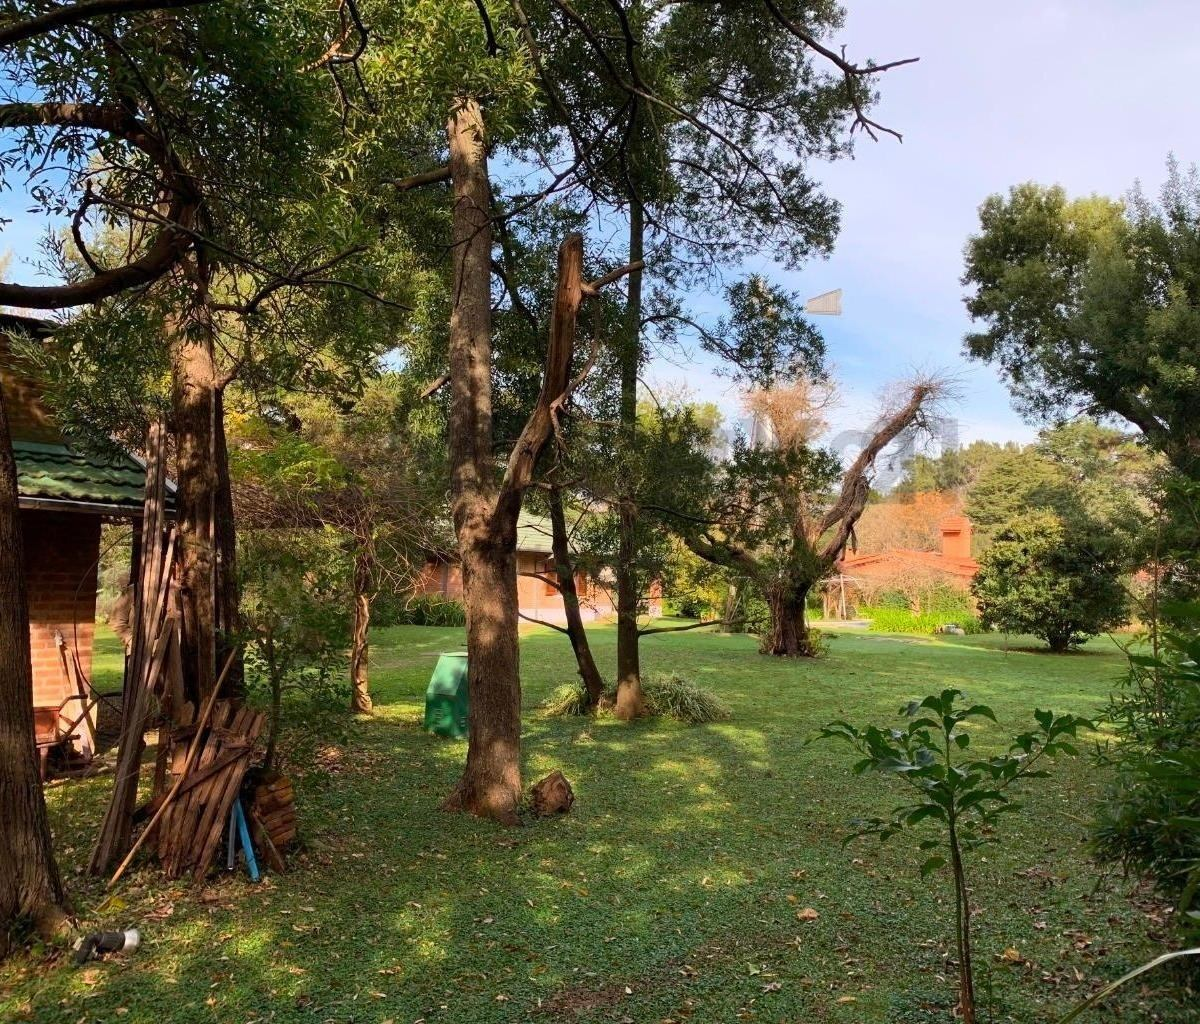 venta casa  2000 m2  parque, pileta - parque natura- alto los cardales